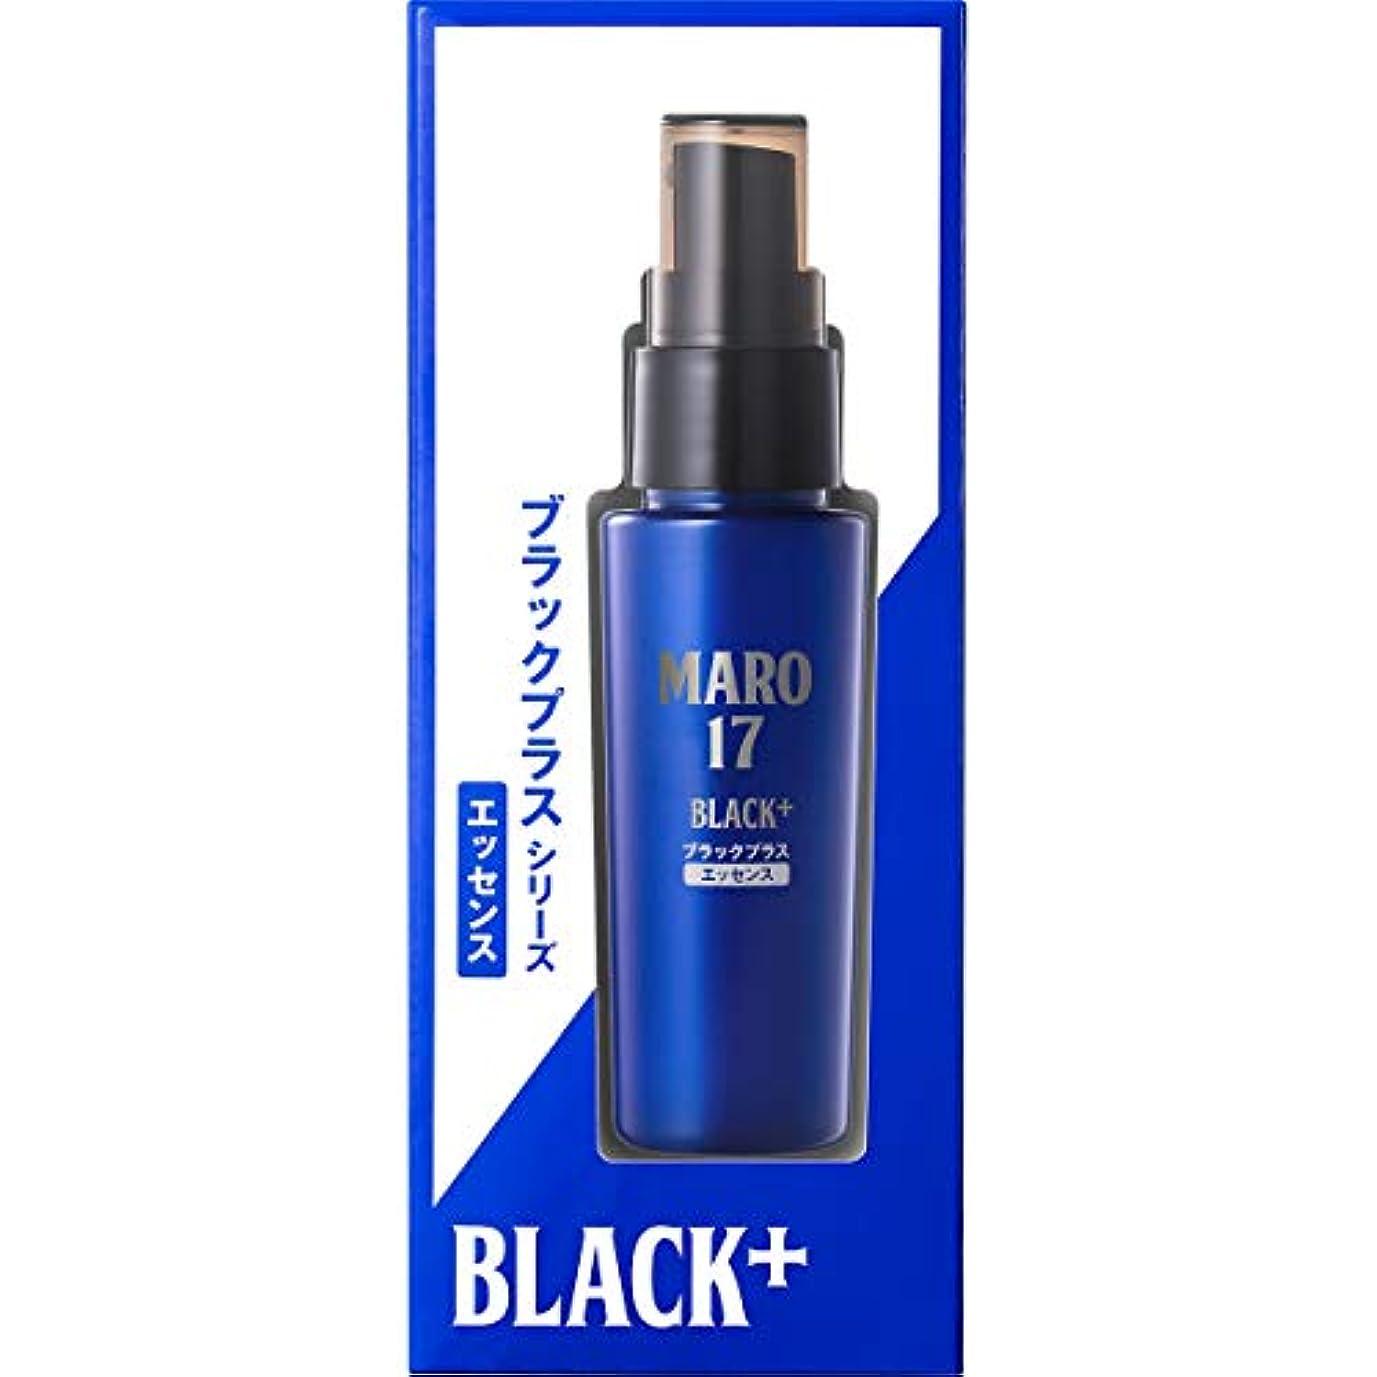 ブラシメッシュ検体MARO17 ブラックプラス シリーズ エッセンス 50ml